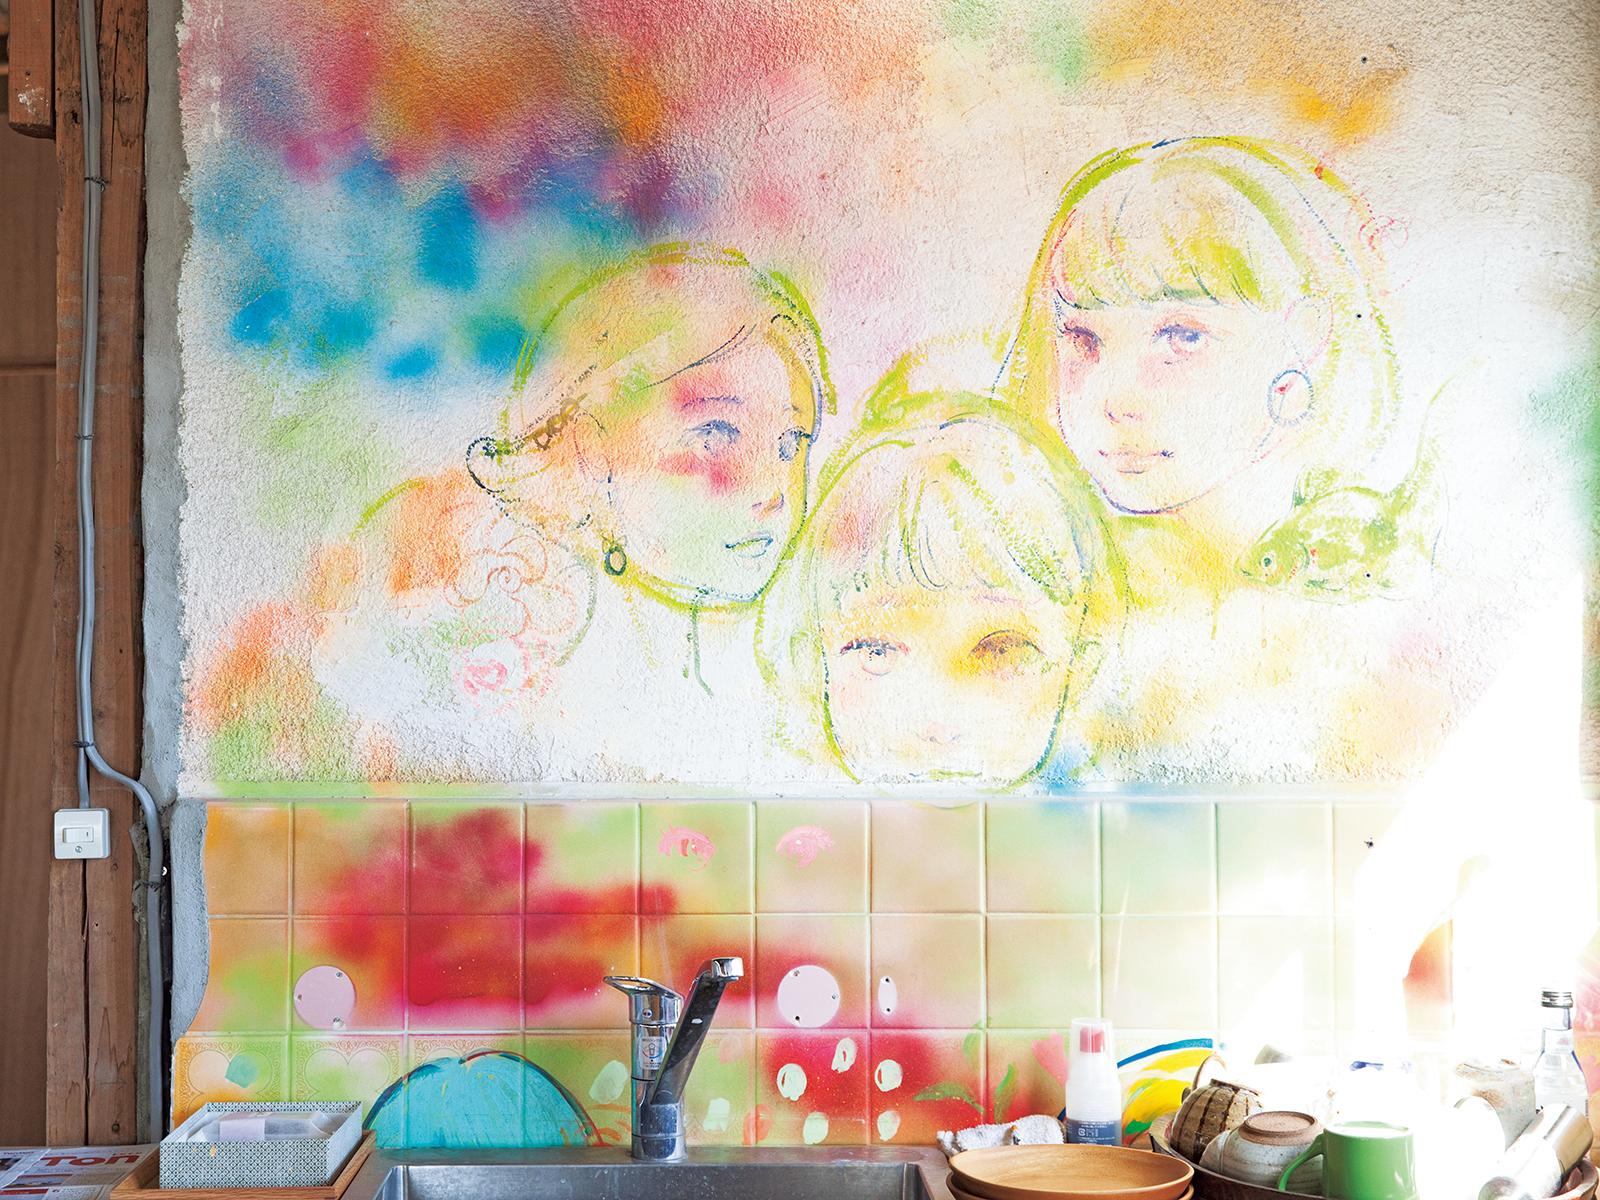 4階のキッチンにも「ゴールドコレクション展」のときに壁に描かれた絵が残る。